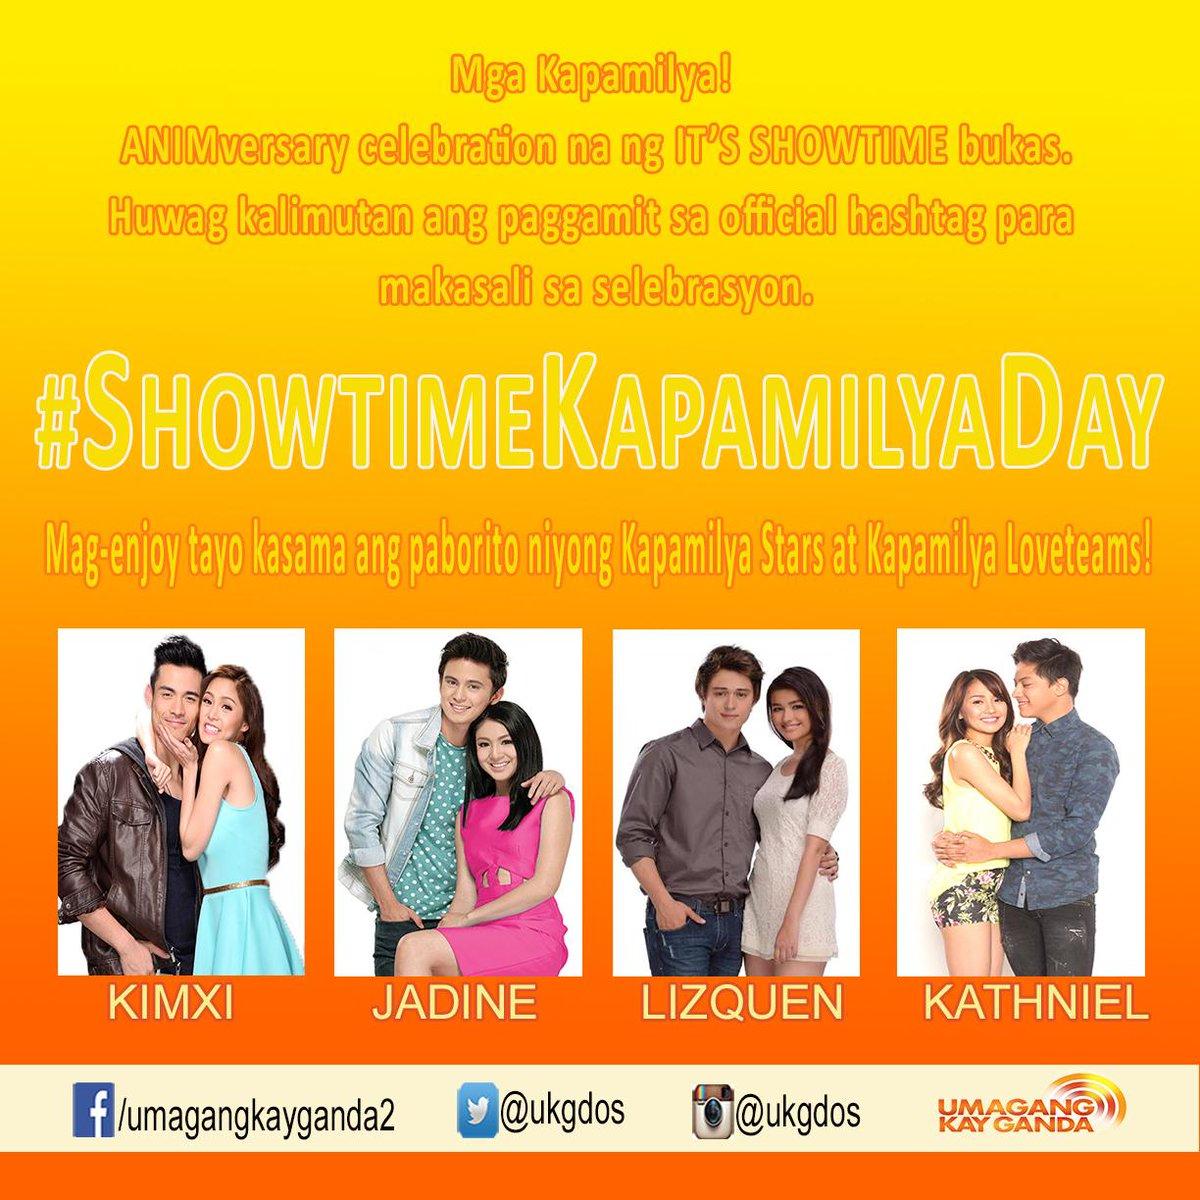 Huwag kalimutan ang paggamit ng official hashtag #ShowtimeKapamilyaDay :) http://t.co/naZqpQ4nK2